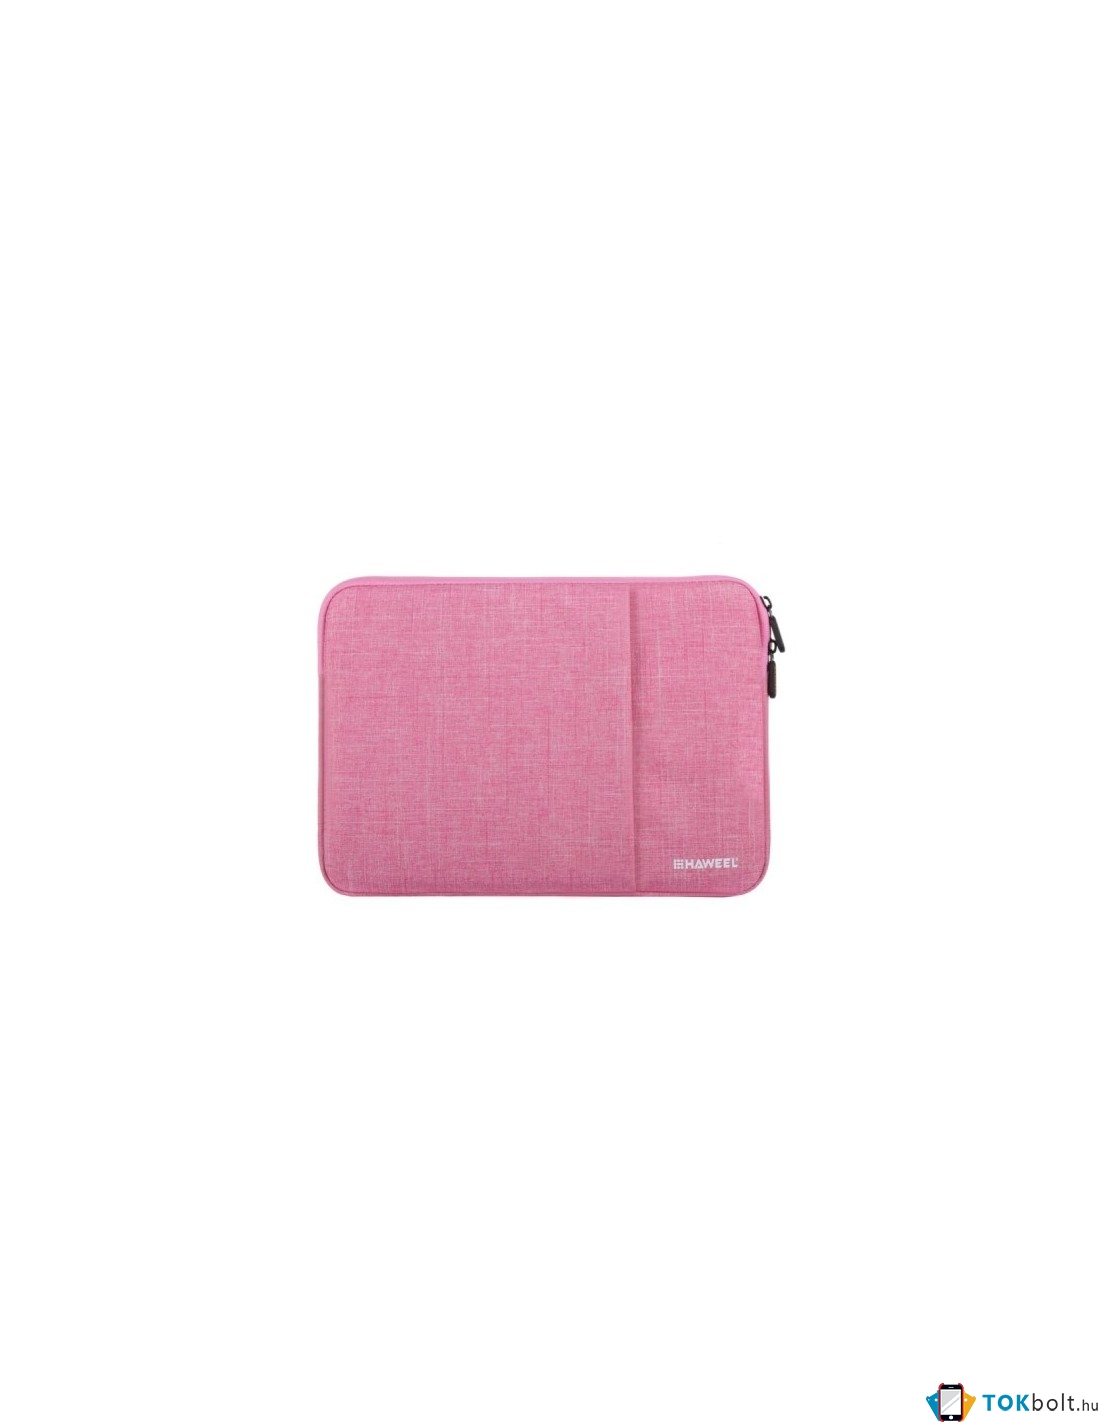 9d2d322471b4 HAWEEL univerzális vízhatlan, ütéselnyelő tok max. 15 colos laptop /  notebook készülékekhez - RÓZSASZÍN